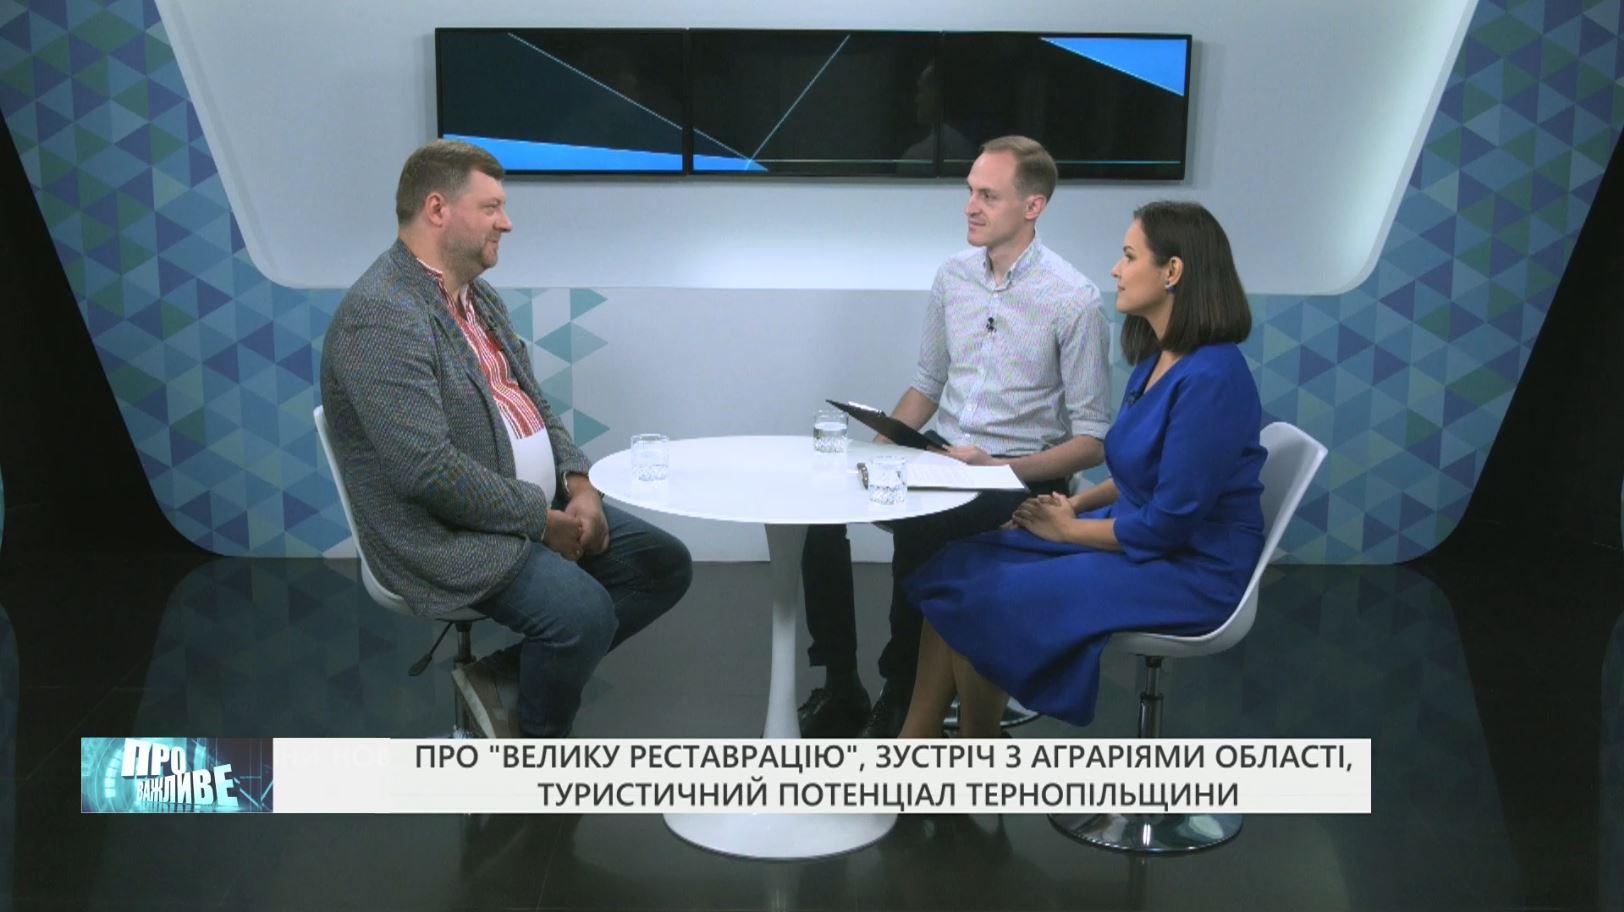 """«Про важливе». """"Велика реставрація"""", зустріч з аграріями області, туристичний потенціал Тернопільщини"""